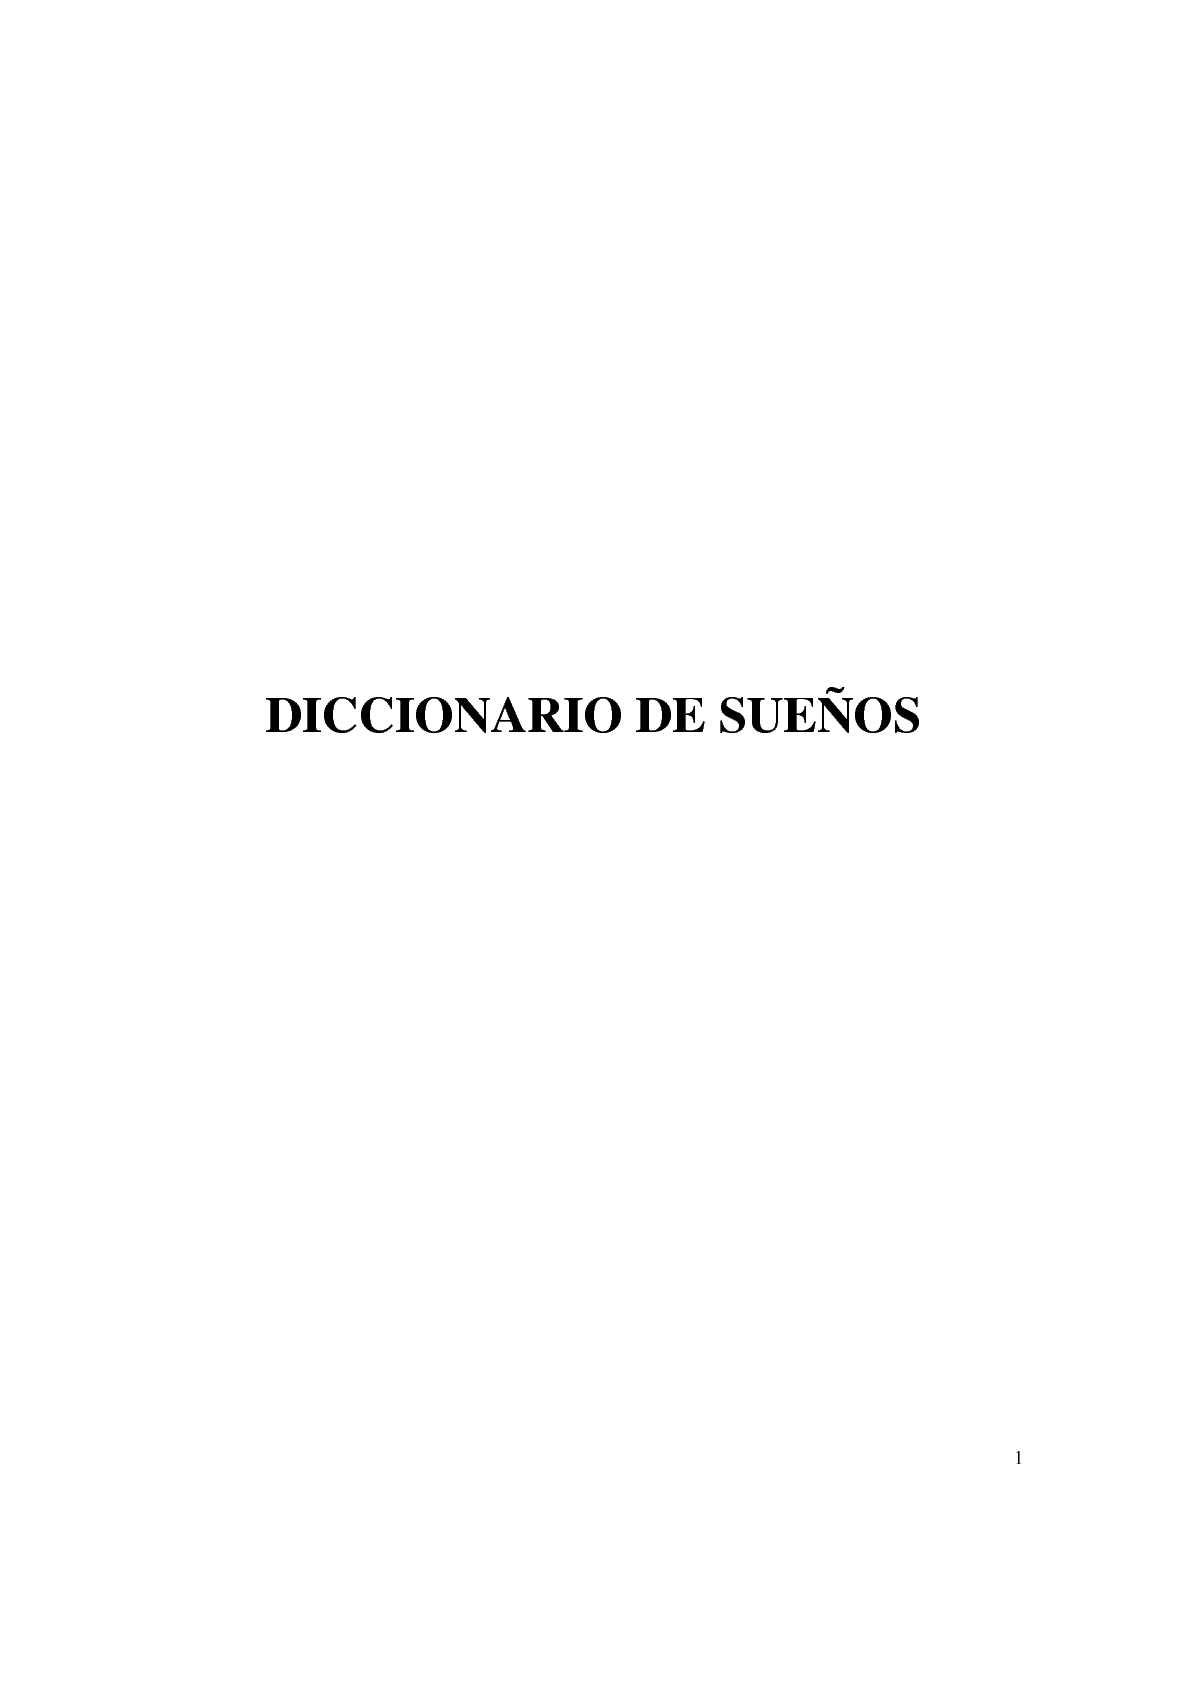 Calaméo - DICCIONARIO DE SUEÑOS